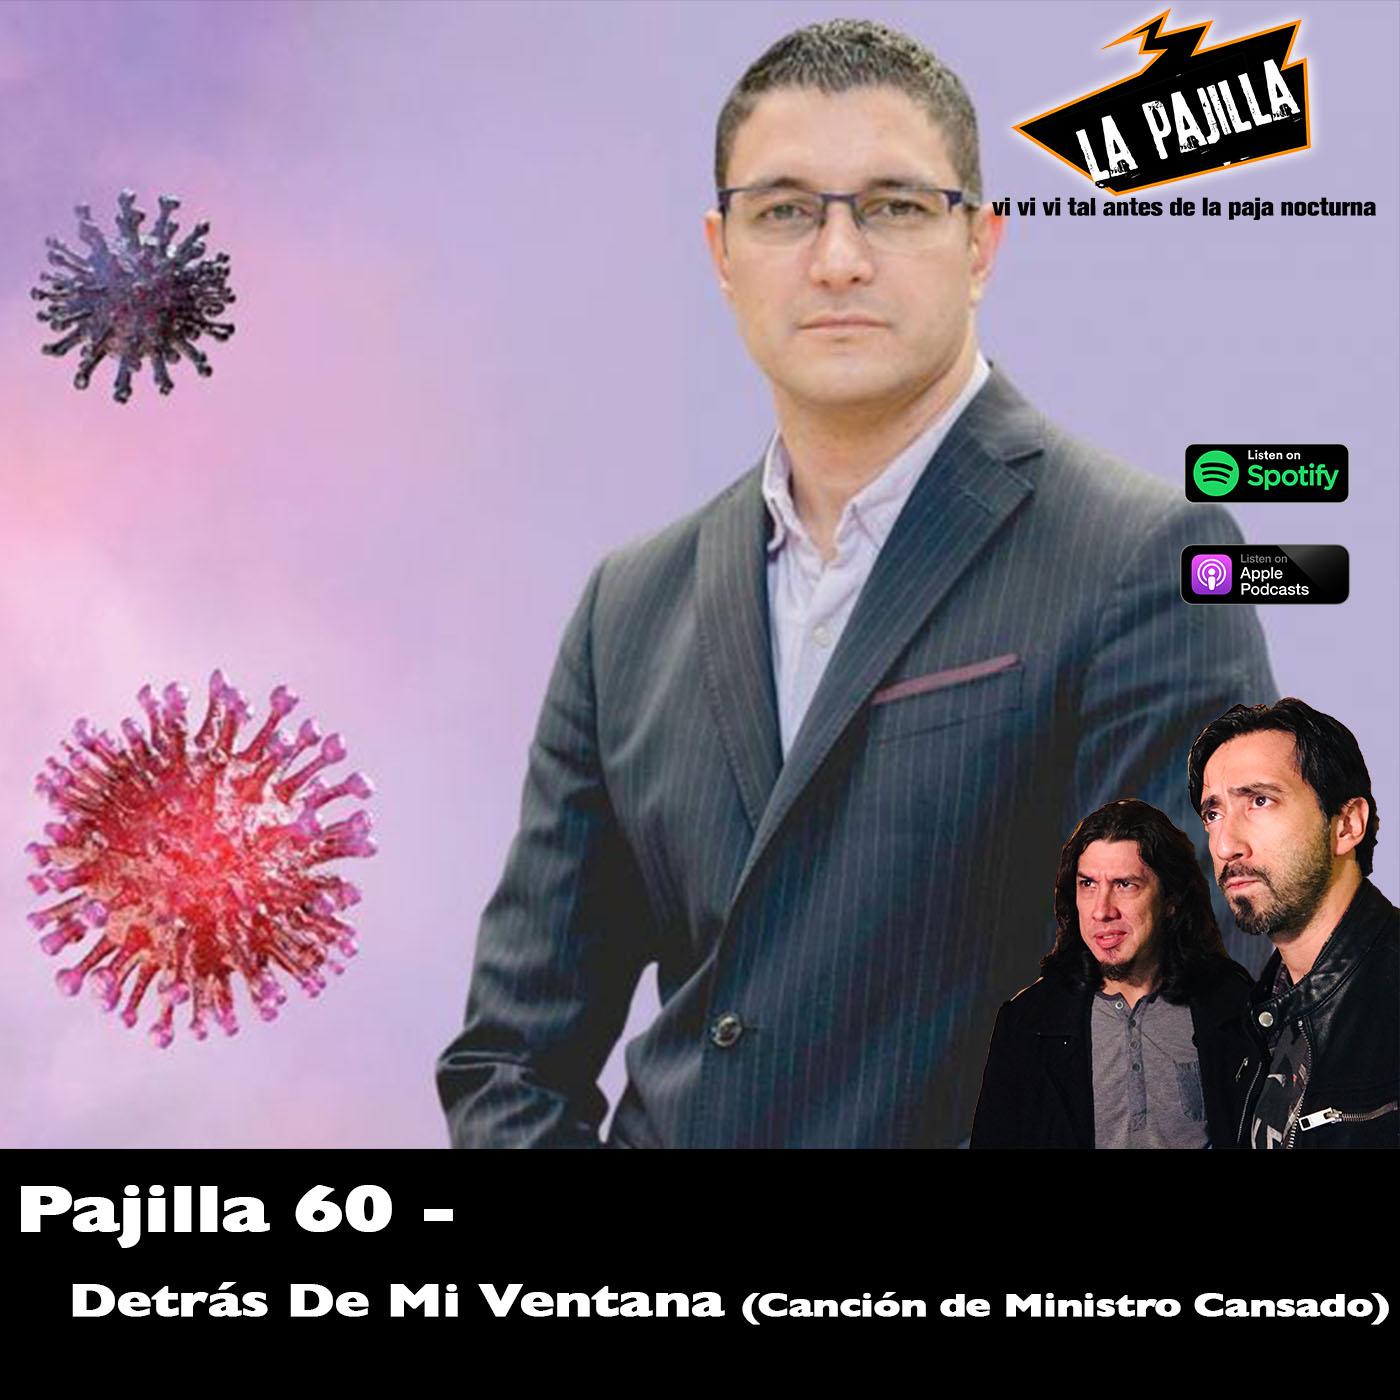 La Paja Nocturna Podcast CR Pajilla 60